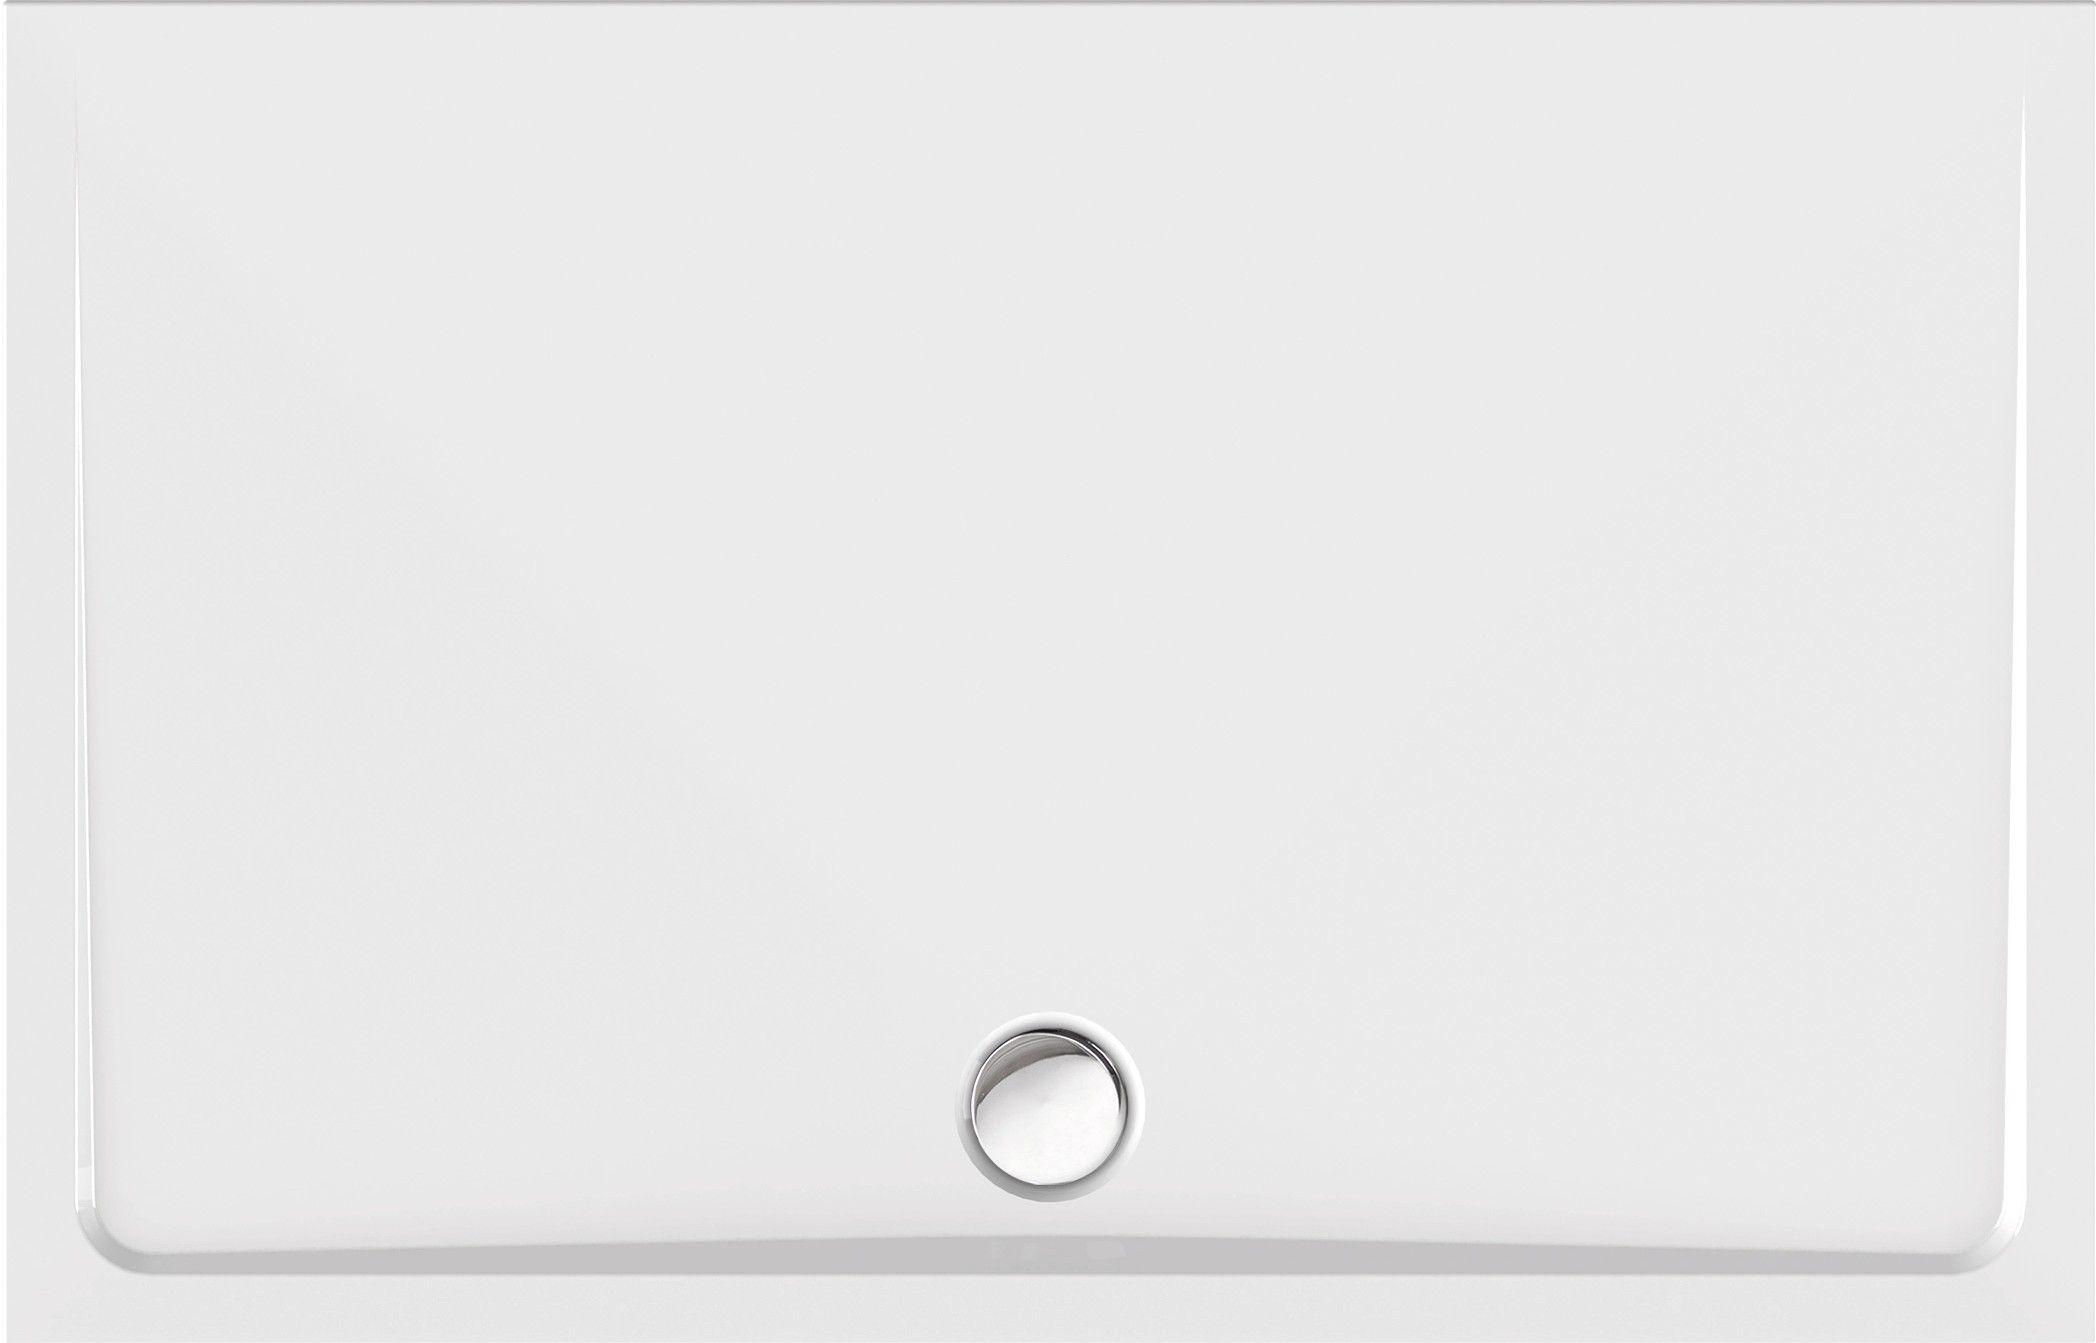 Duschwanne superflach 140 x 90 x 2,5 cm Wanne